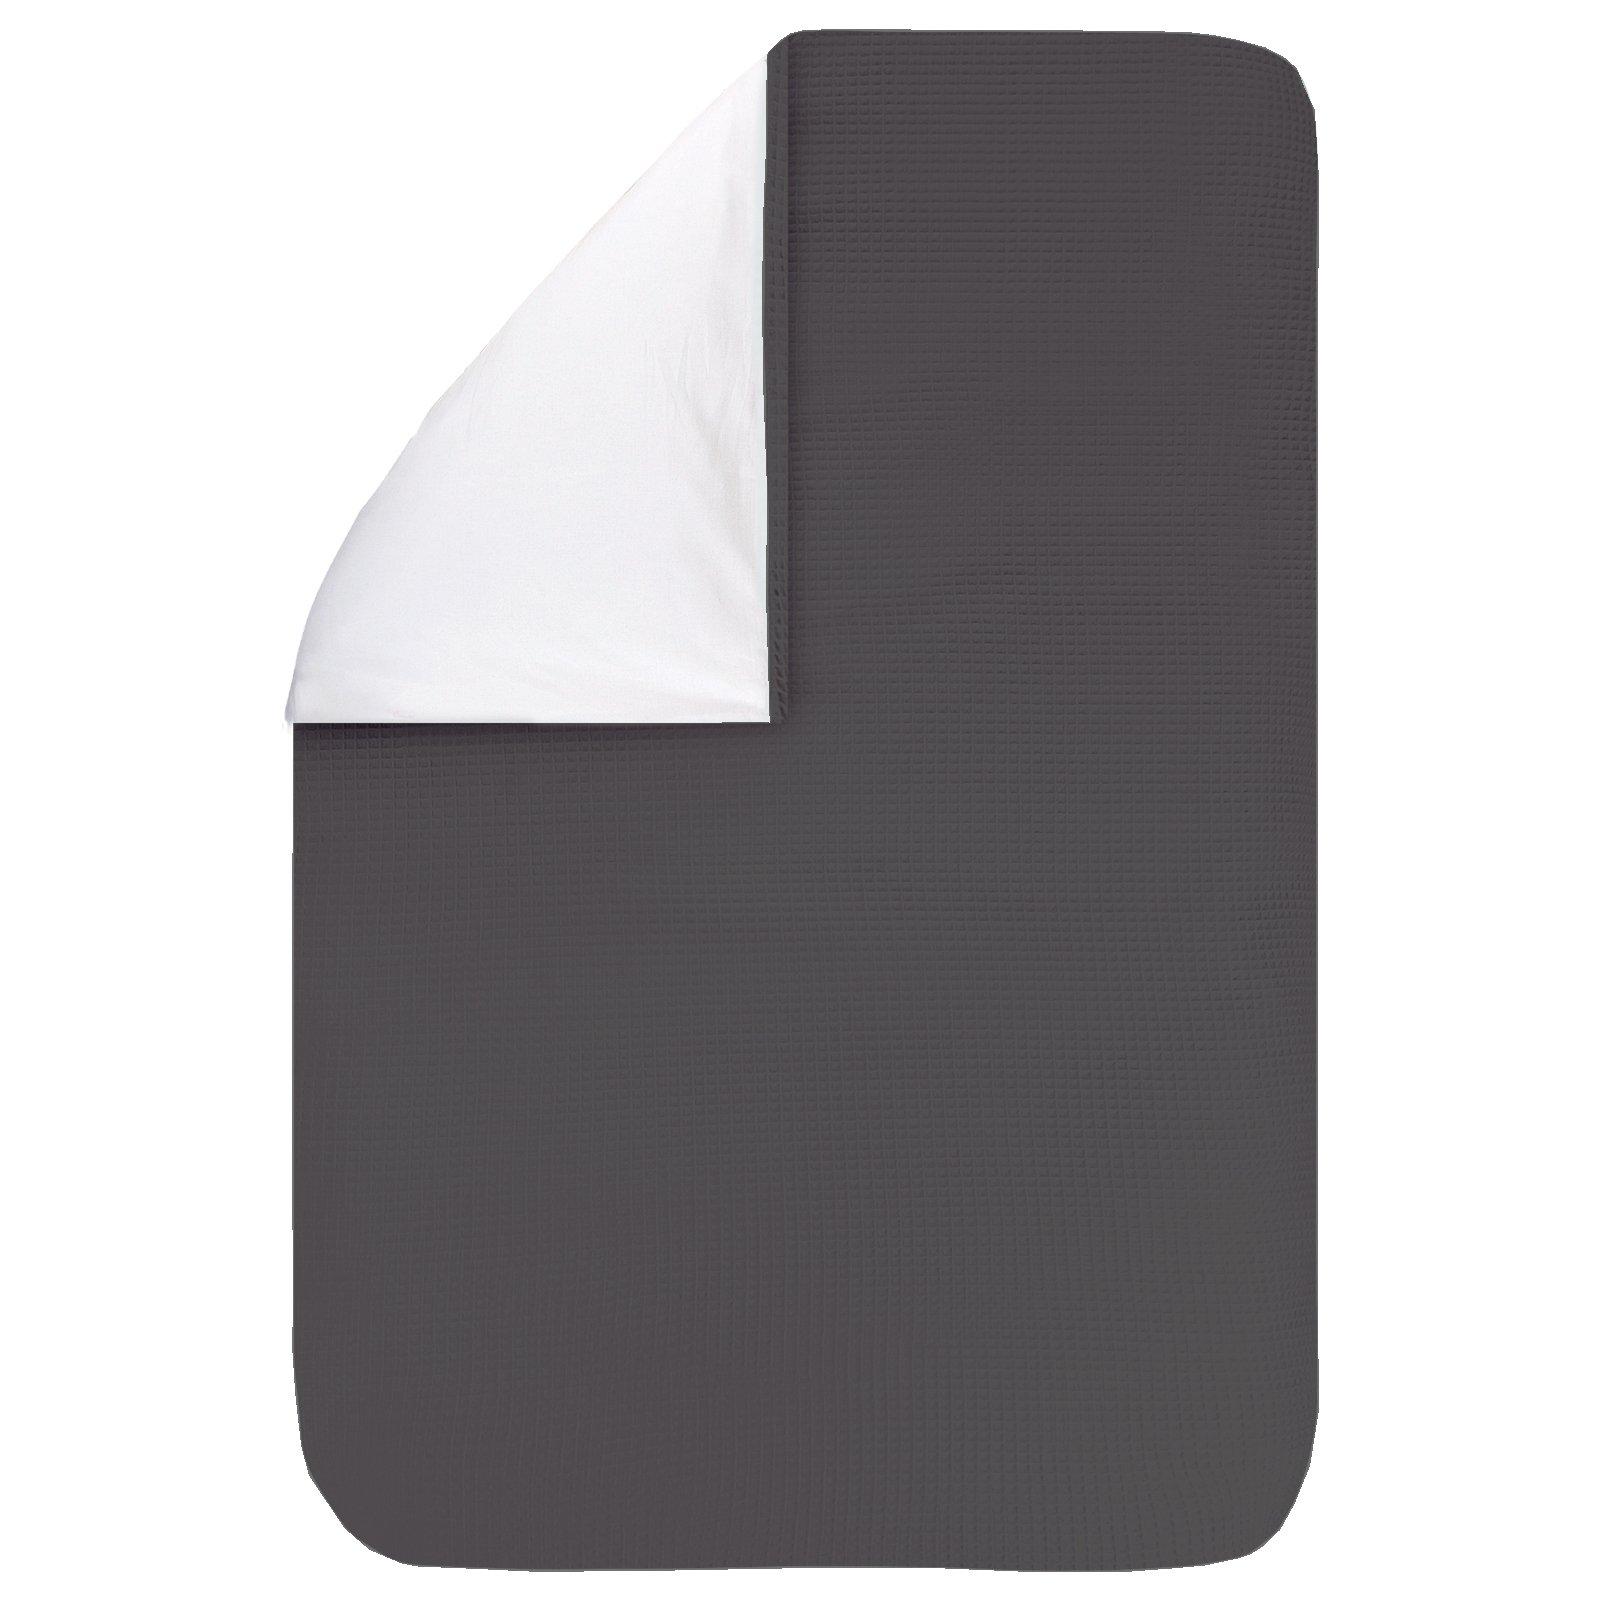 Dekbedovertrek Pique antra 60x80, een fijn dekbedovertrek van zachte antracietgrijze wafelkatoen. Goed te combineren met BINK printjes.